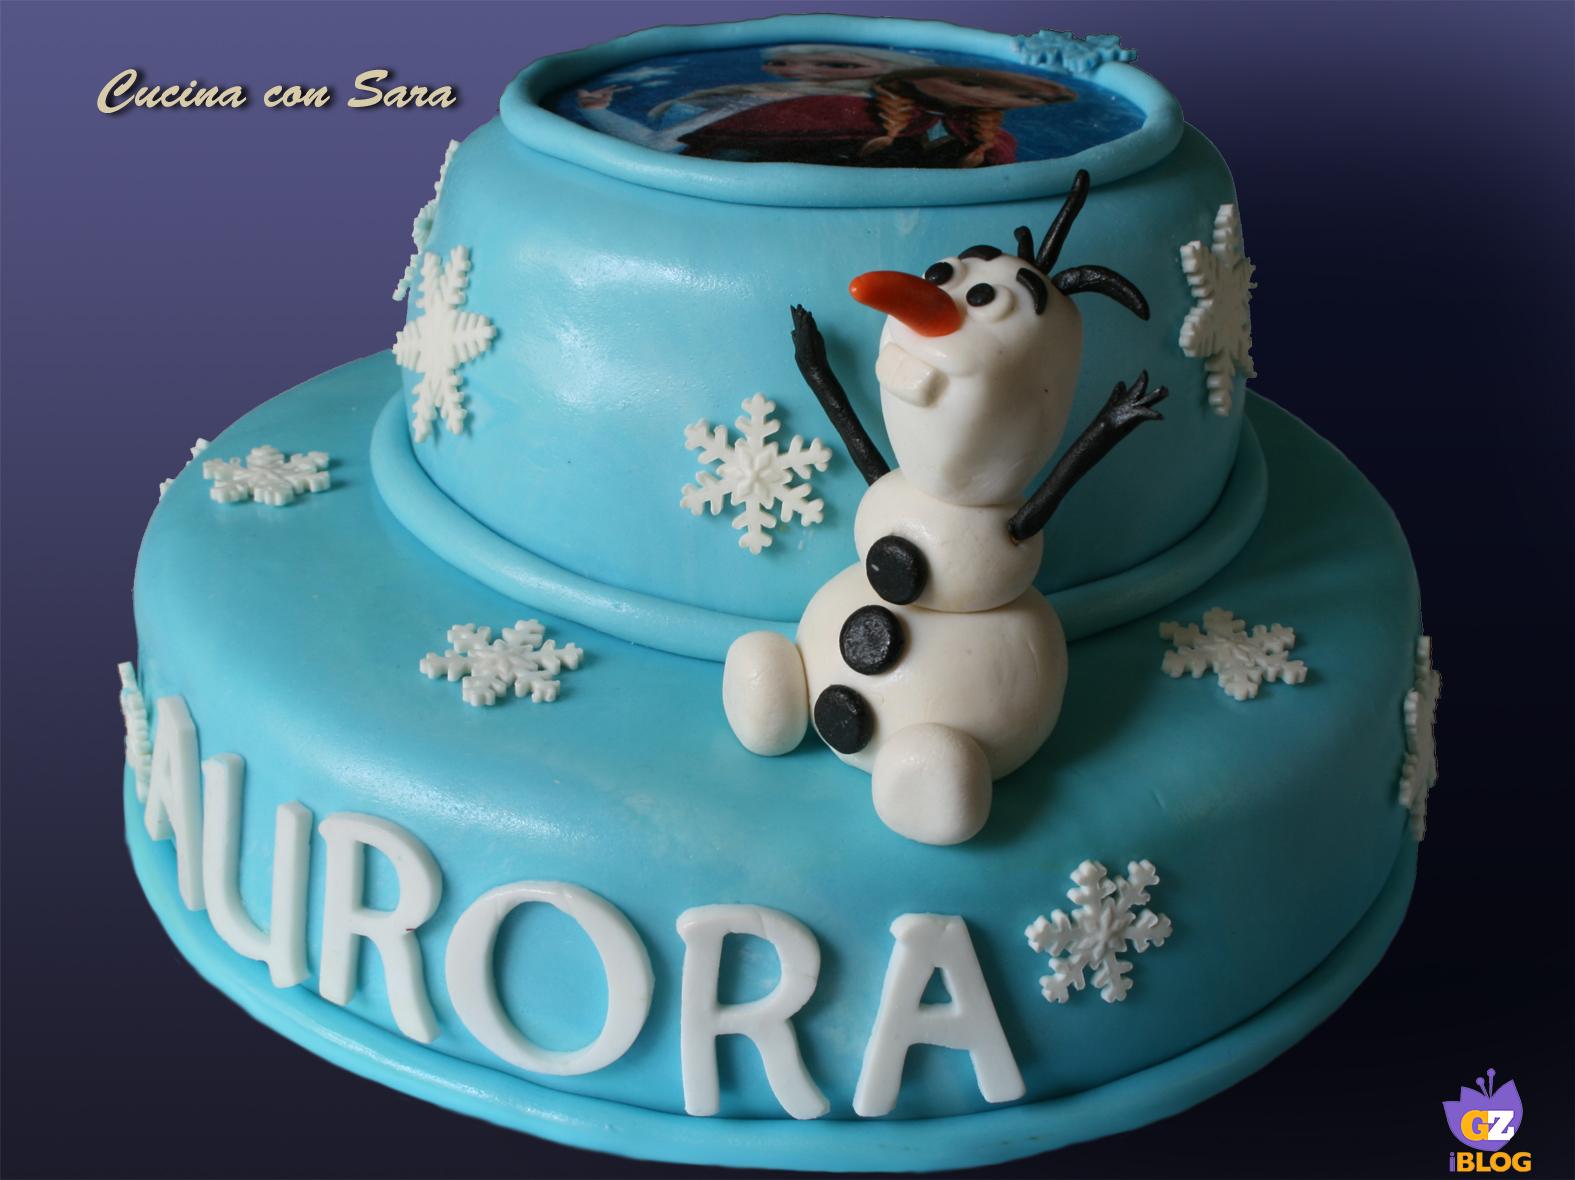 Torte Cake Design Per Bambini Immagini : Torta primo compleanno per Rebecca /CUCINA CON SARA